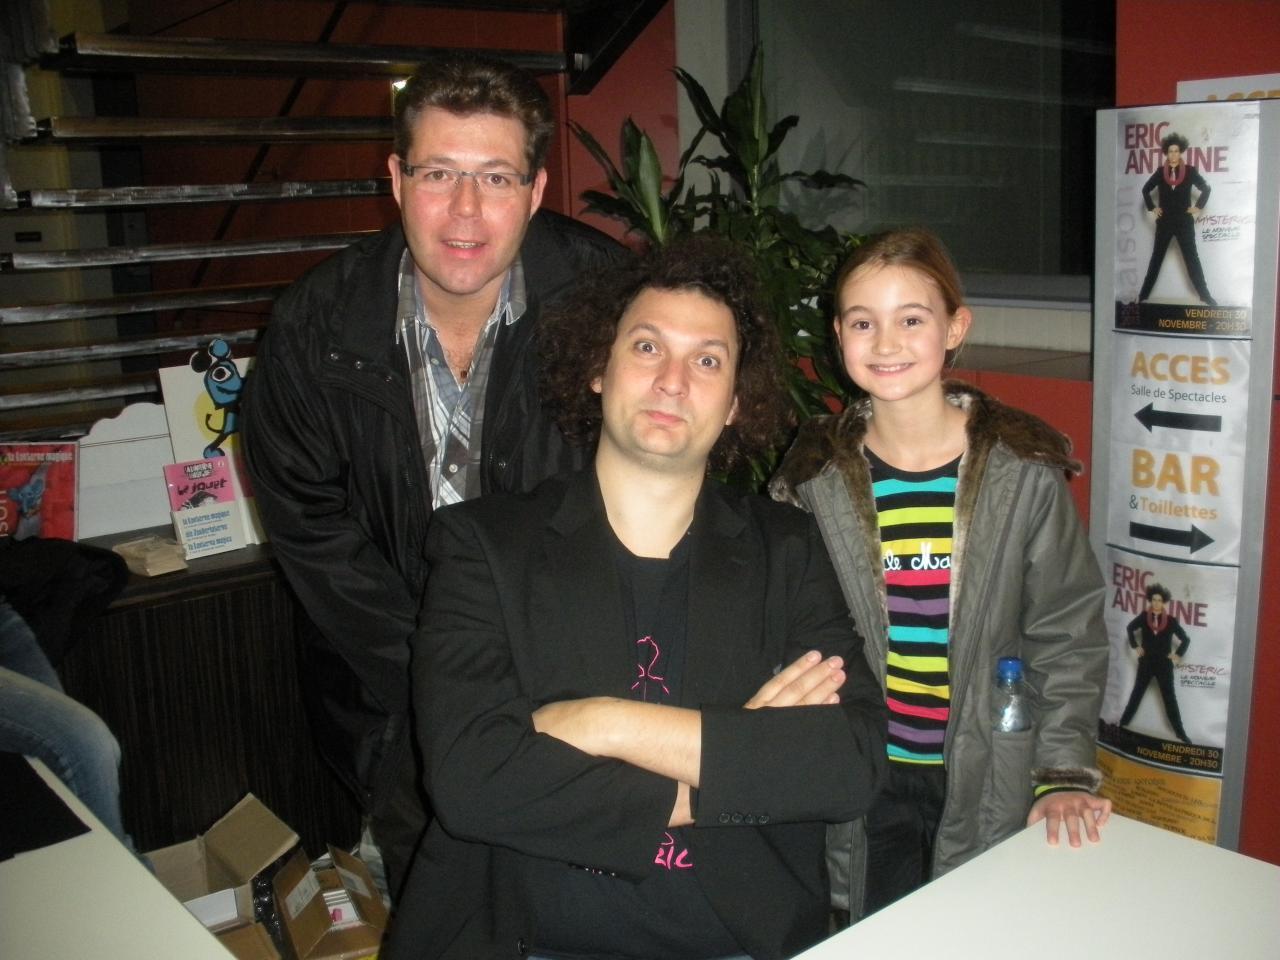 Anthony avec Eric Antoine